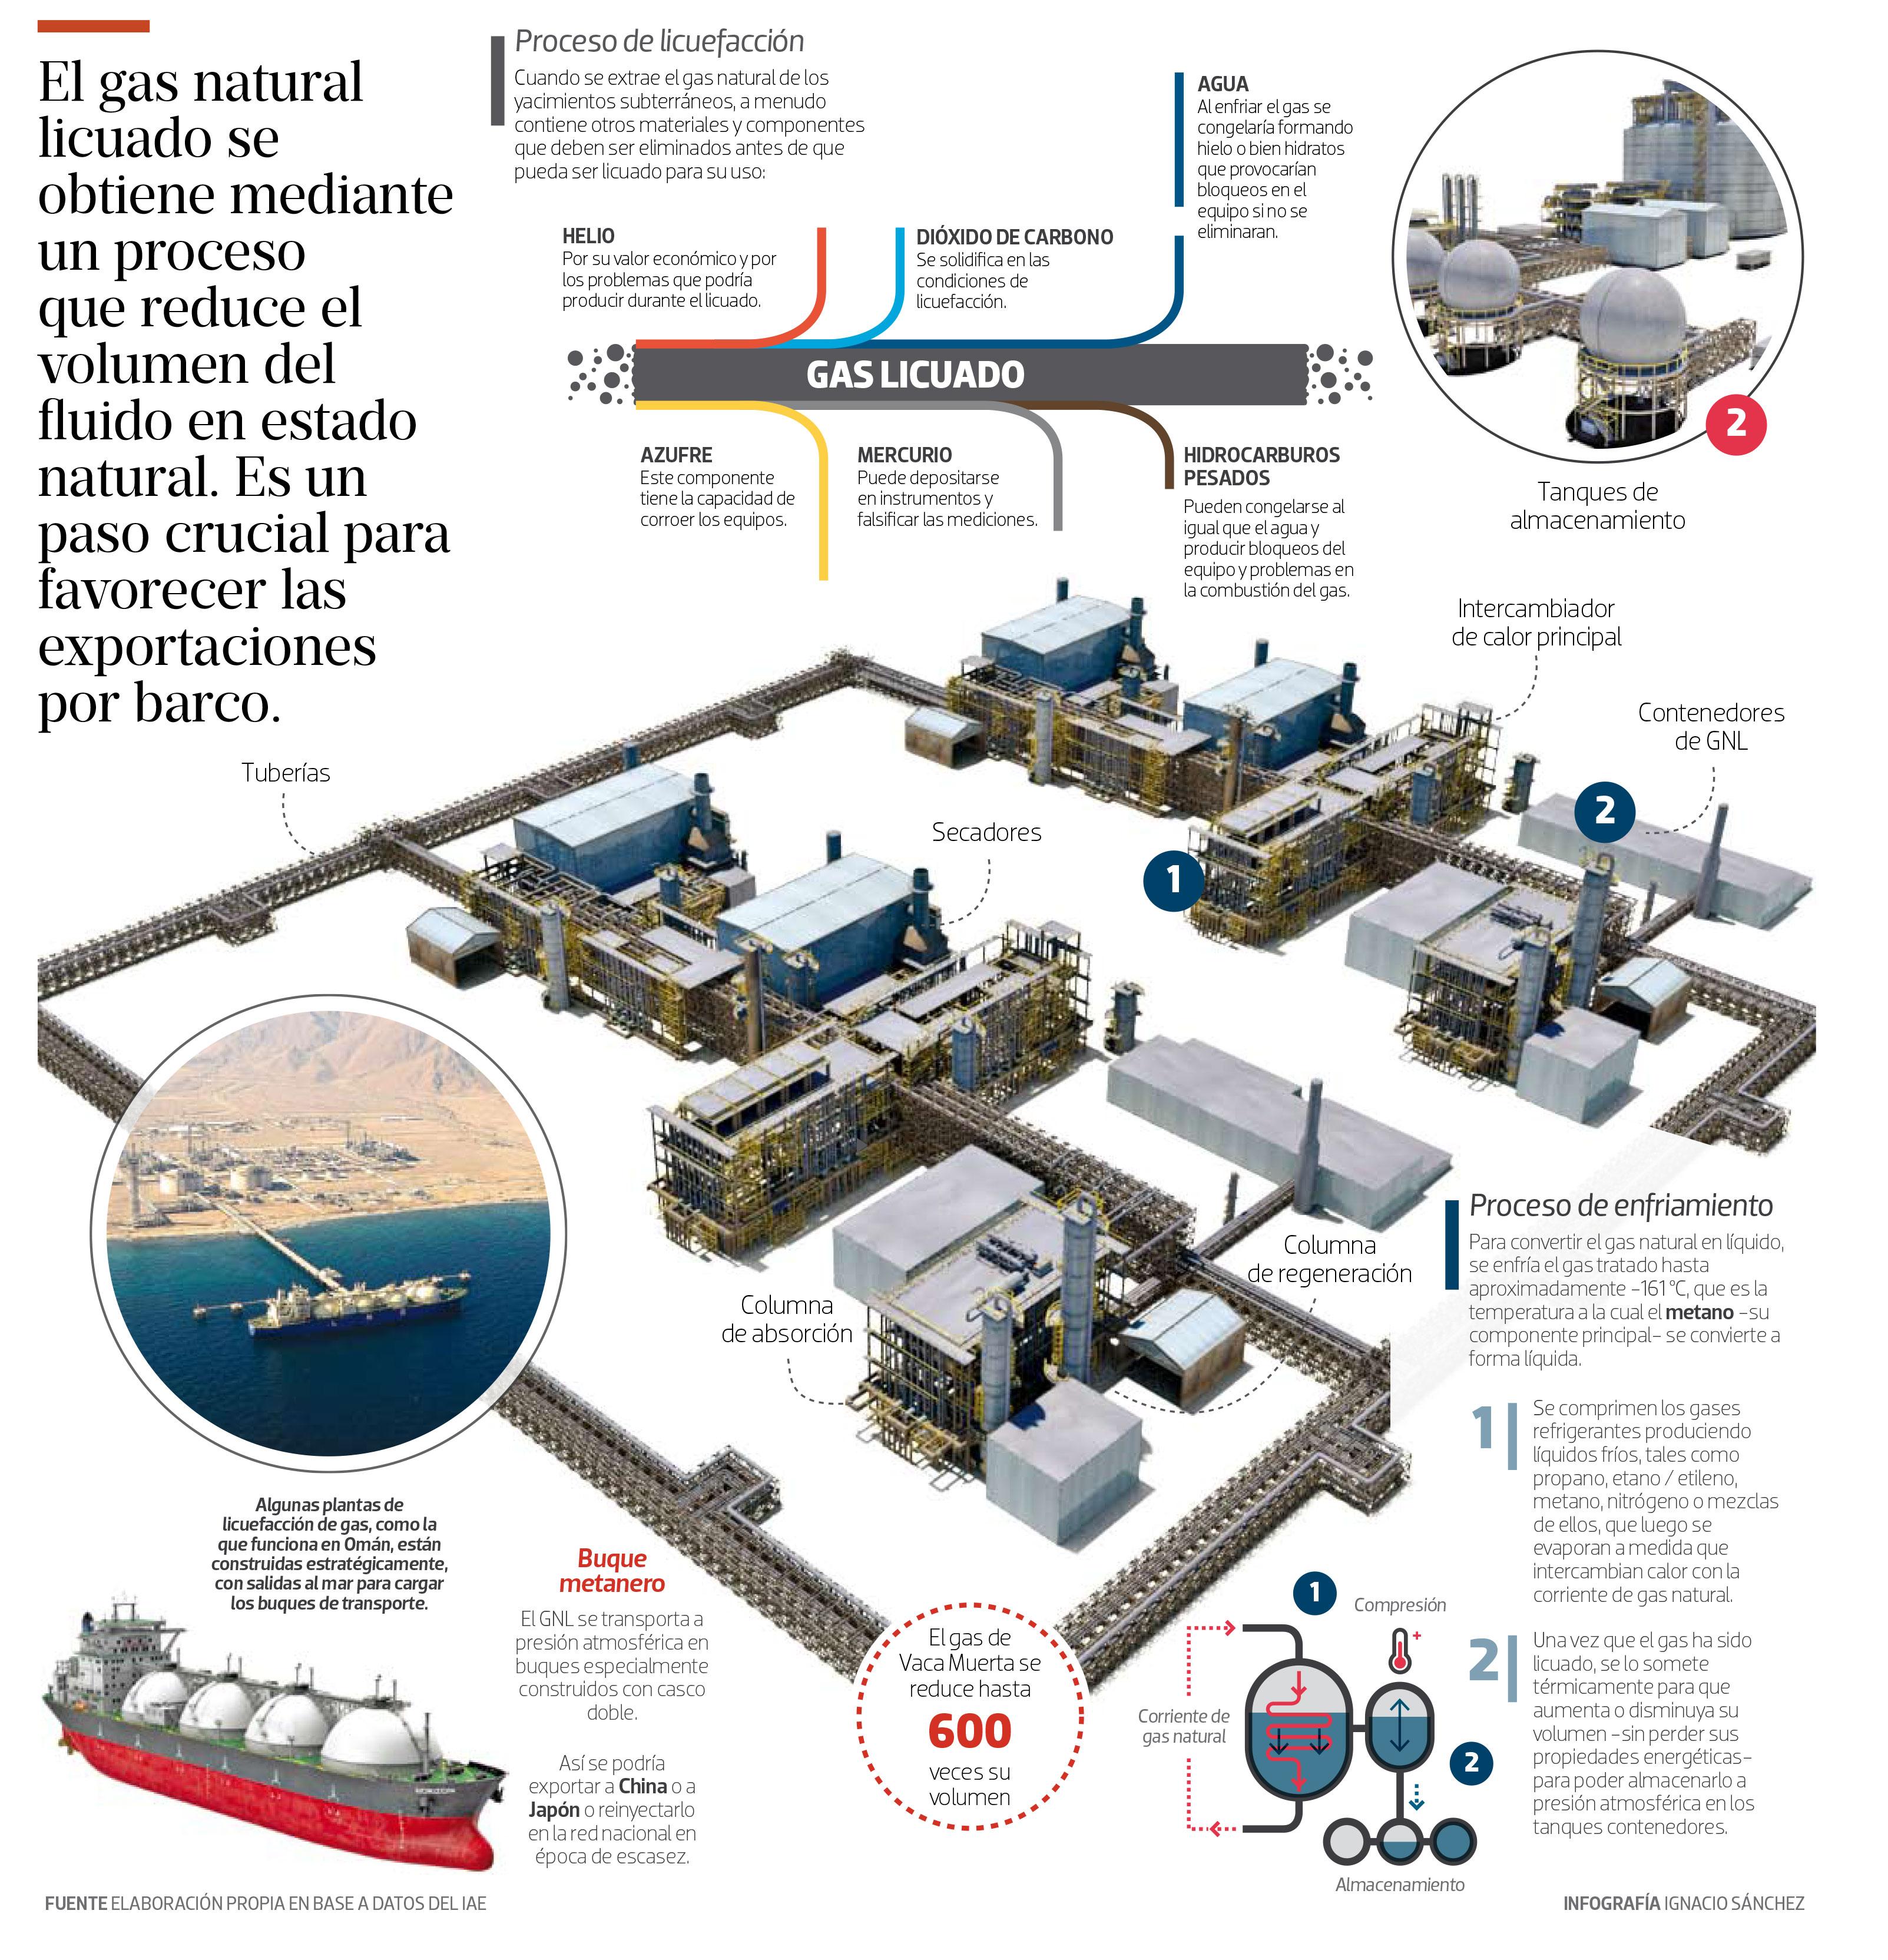 Infografía-económico-9-de-febrero